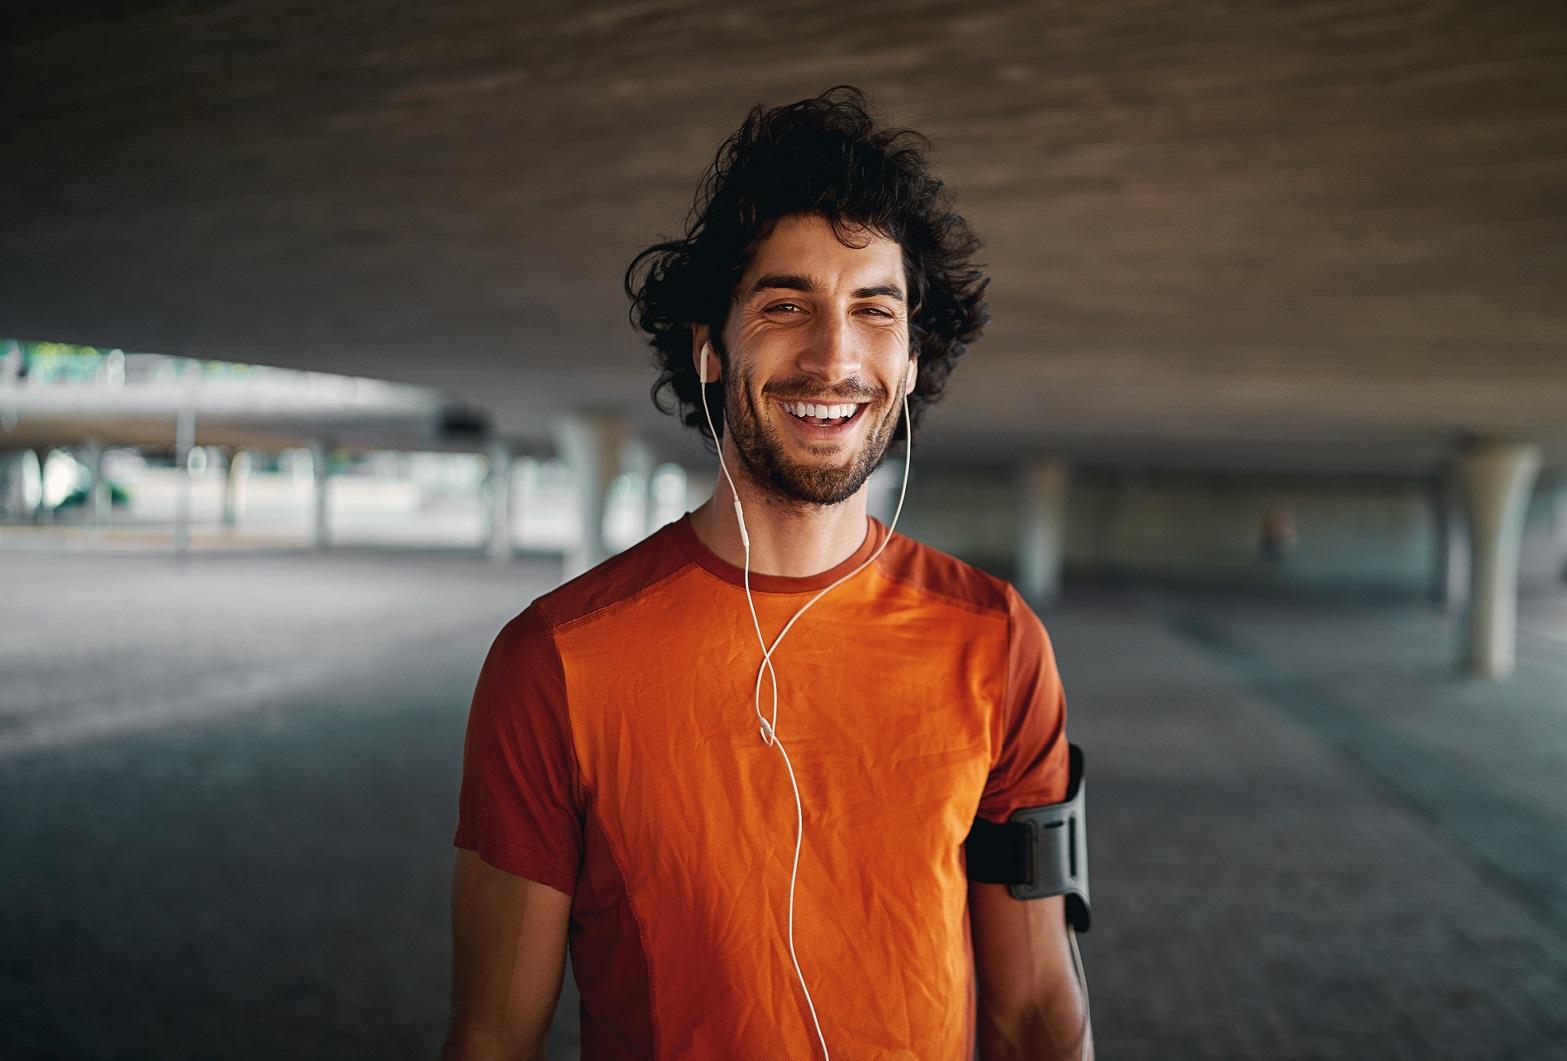 Muito além do corpo: o que é ter saúde para você?